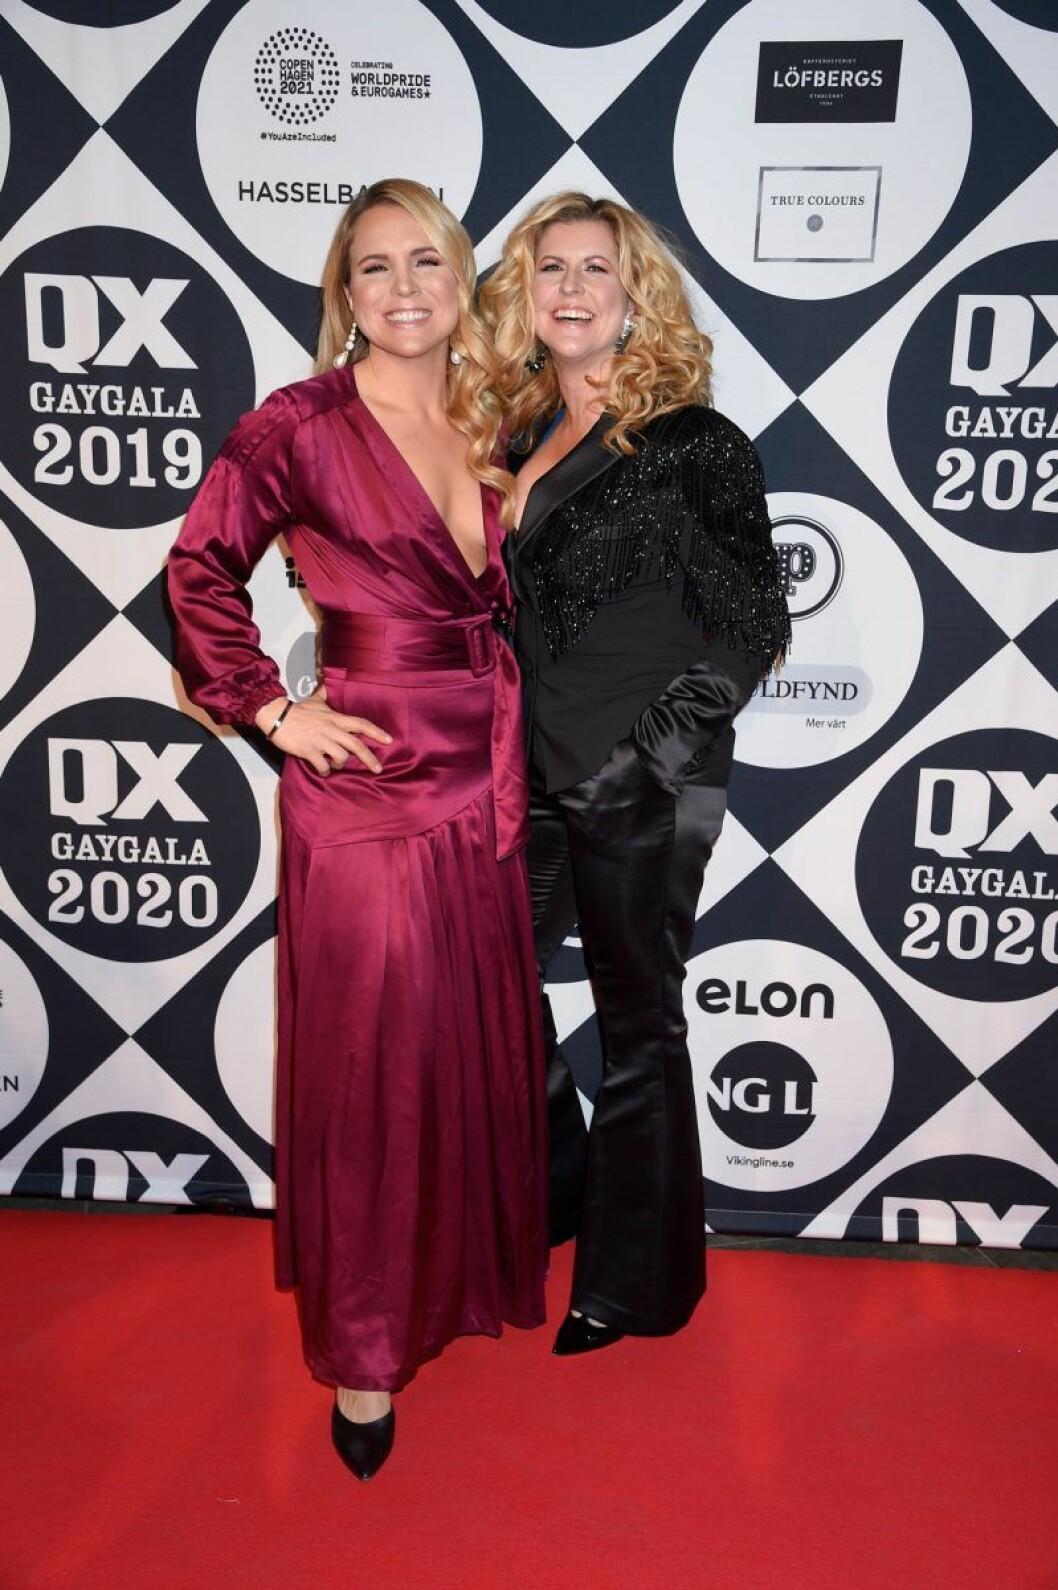 Anja Pärson och Filippa Rådin på röda mattan på QX-galan 2020